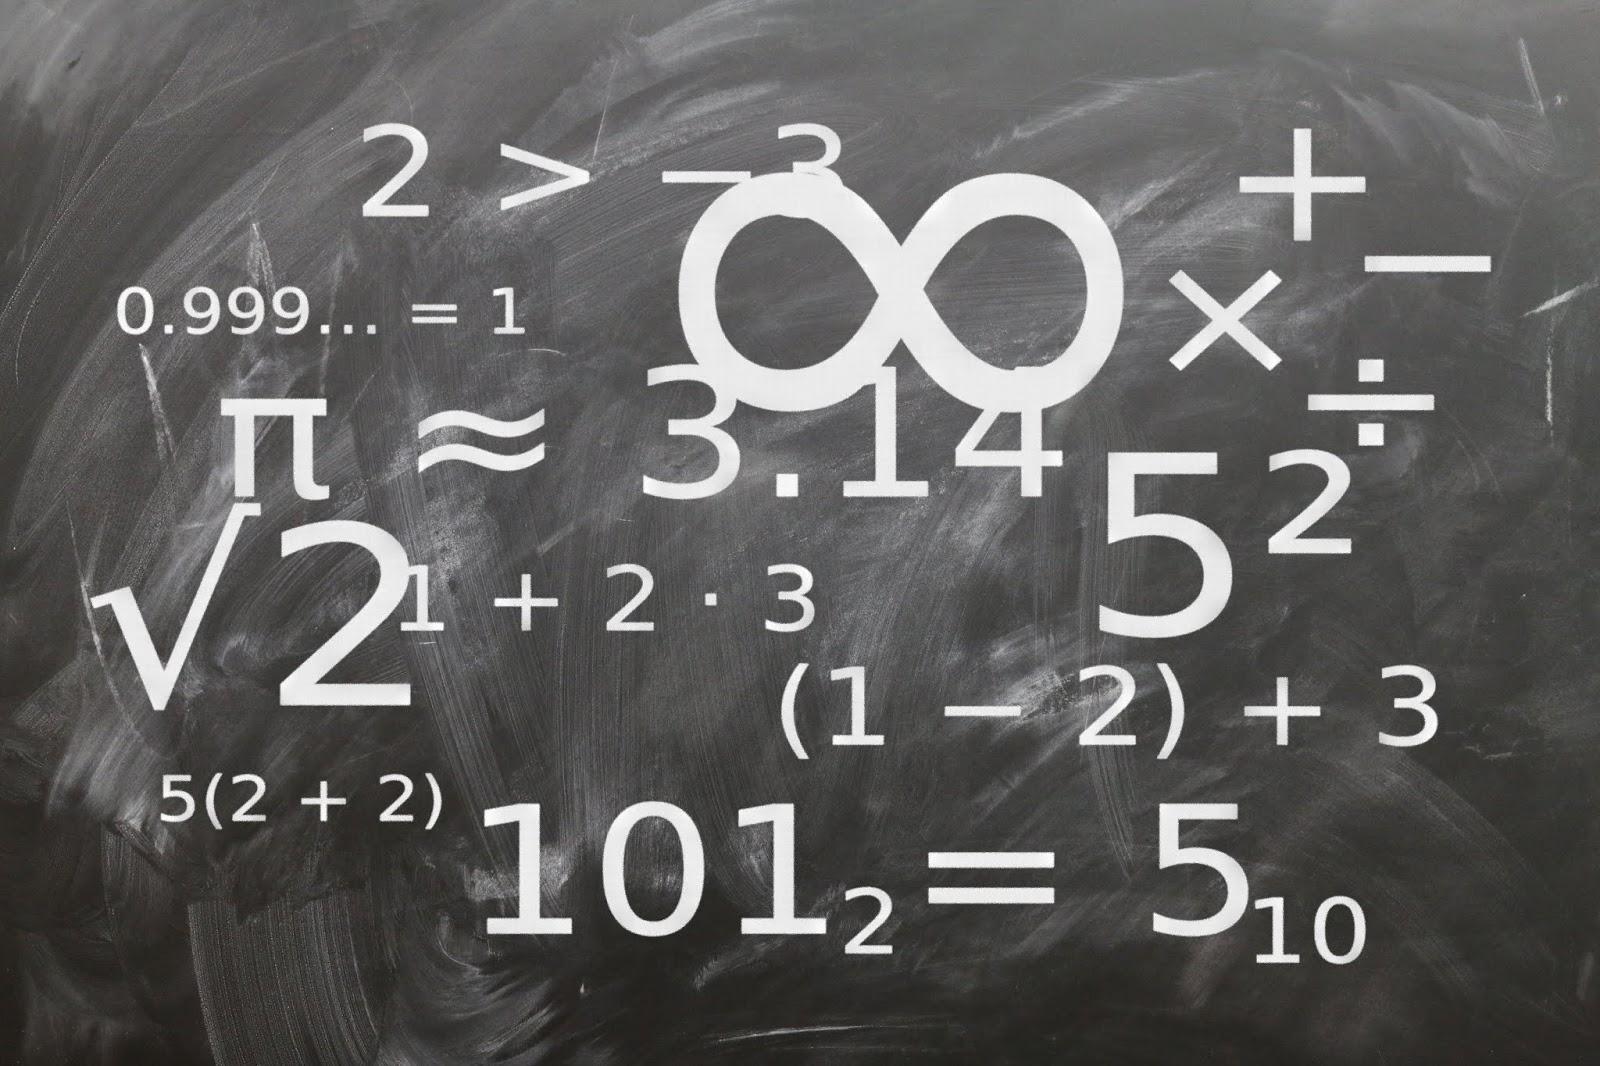 Apakah TakHingga Termasuk Suatu Bilangan Atau Bukan?